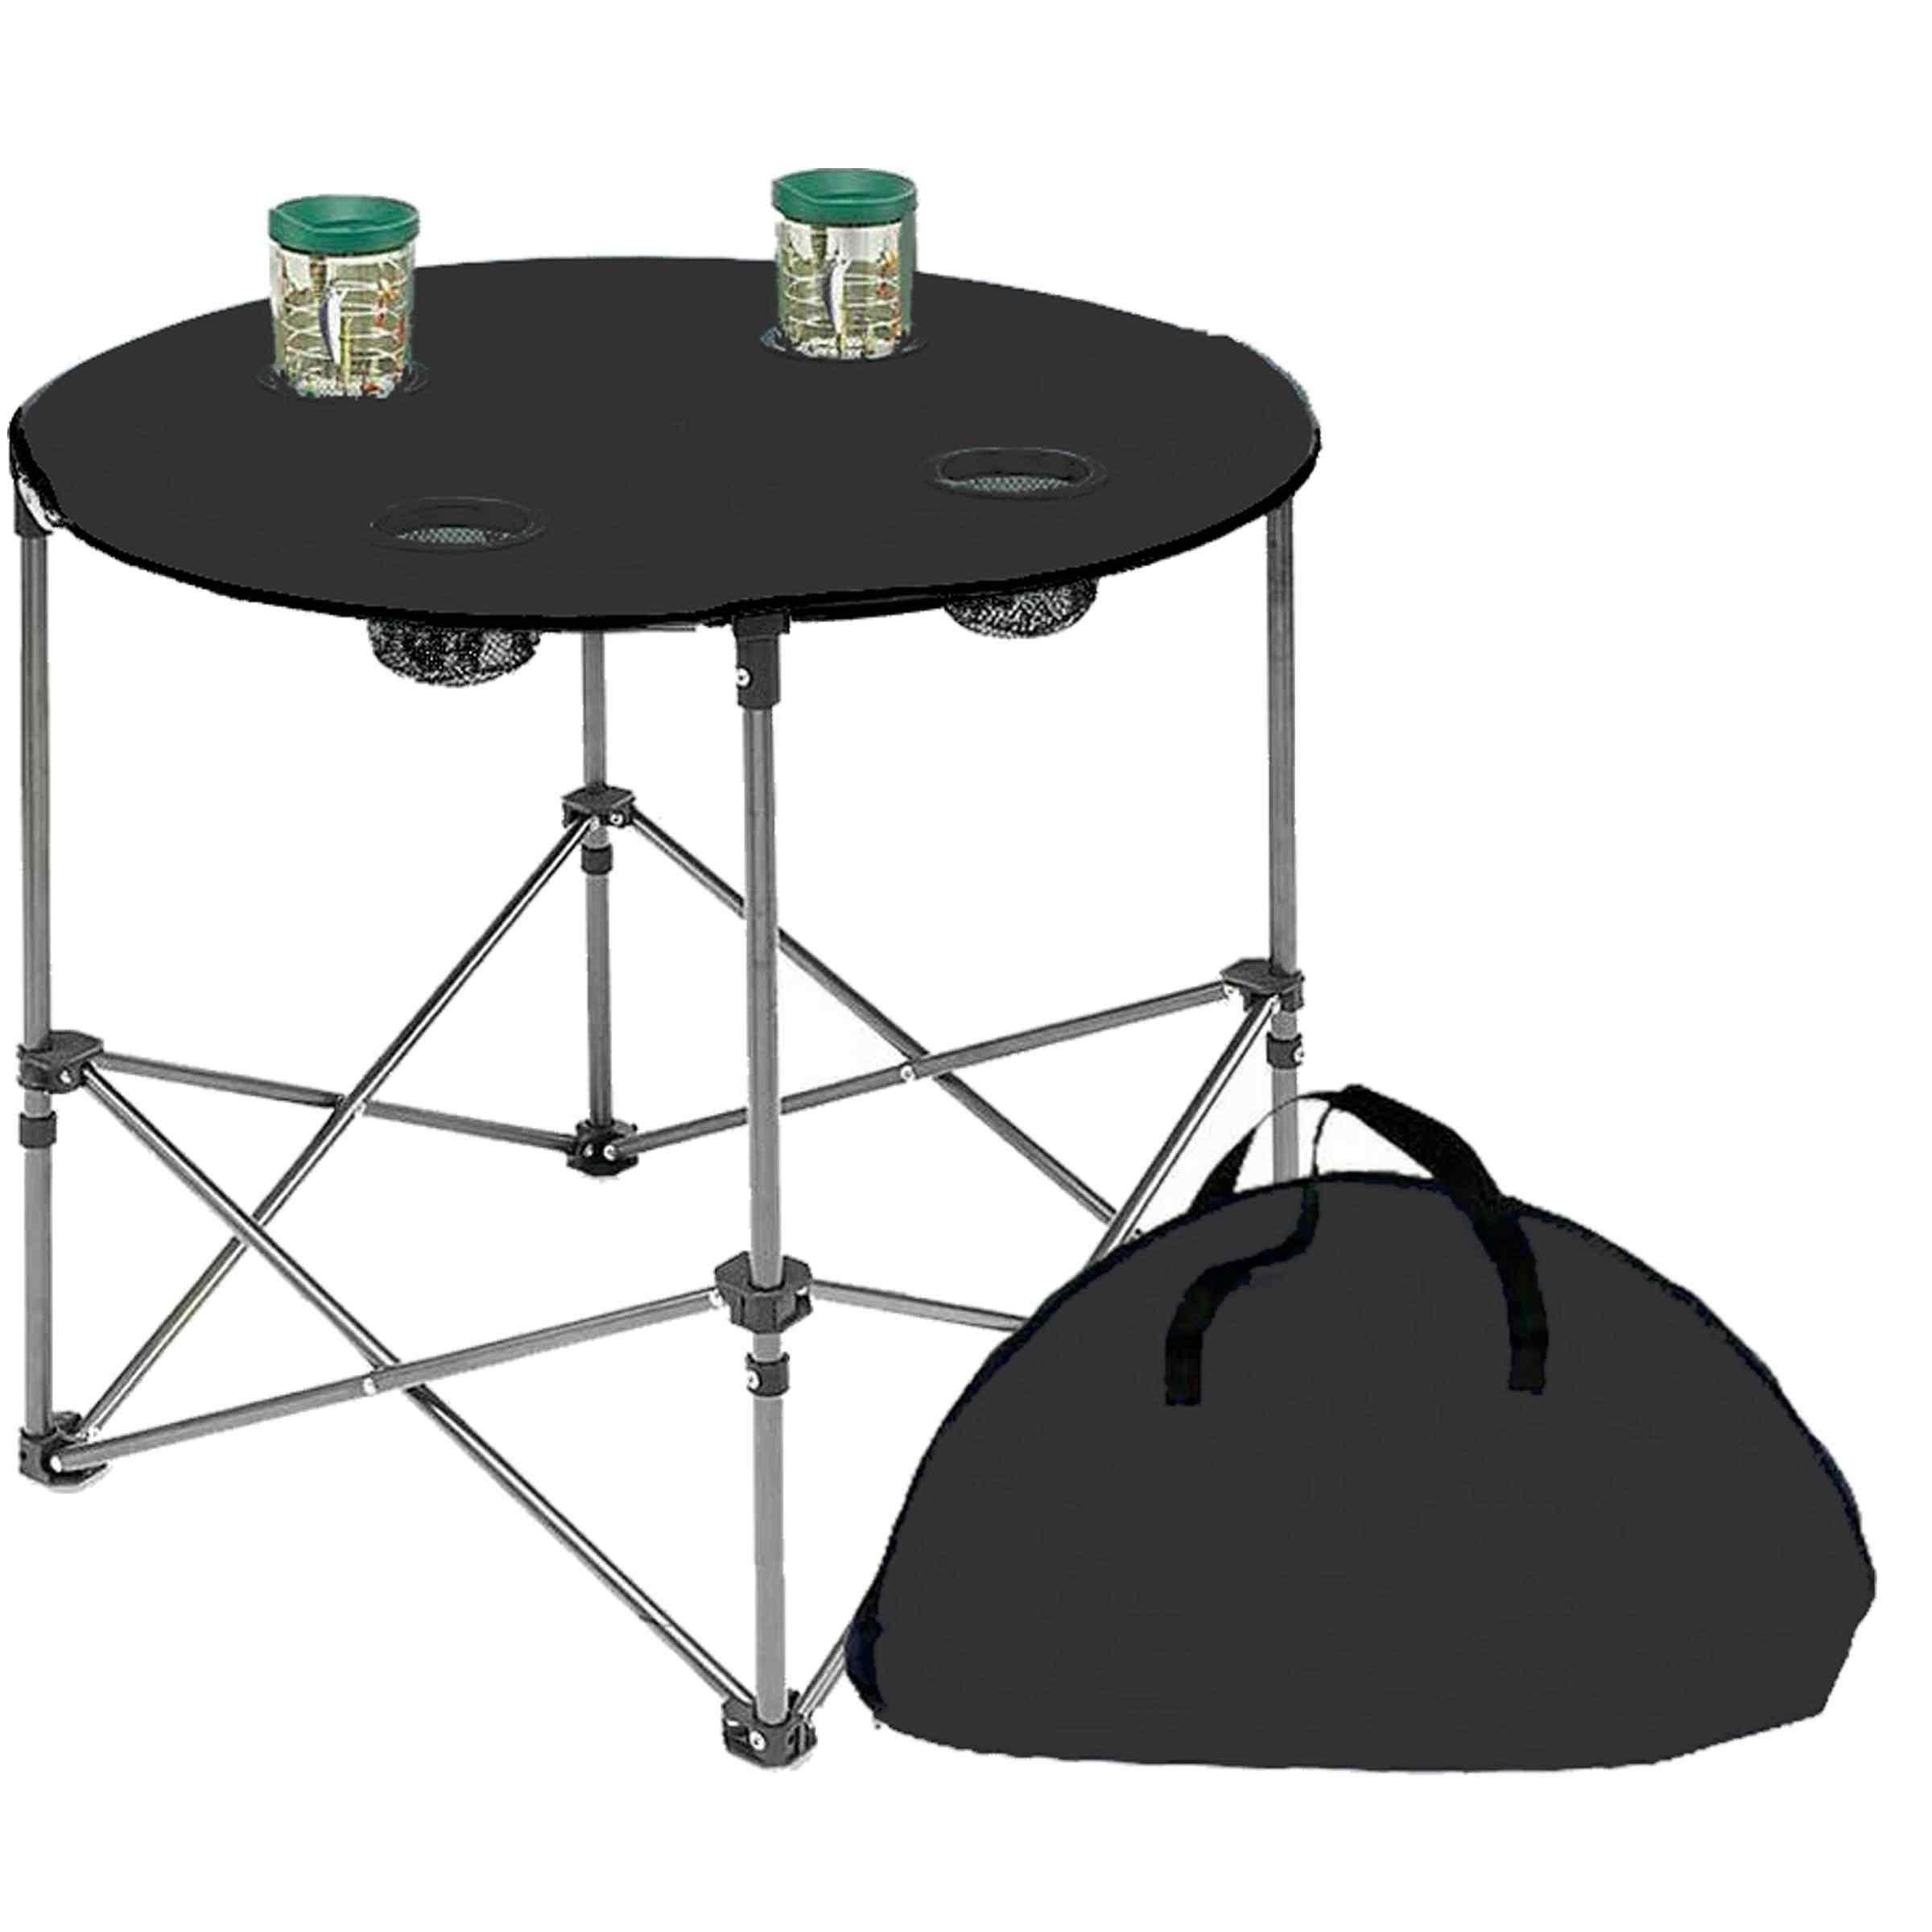 Kamptex Kamp Seti Katlanır Kamp Sandalyesi + Bez Masa 2+1 Yeşil